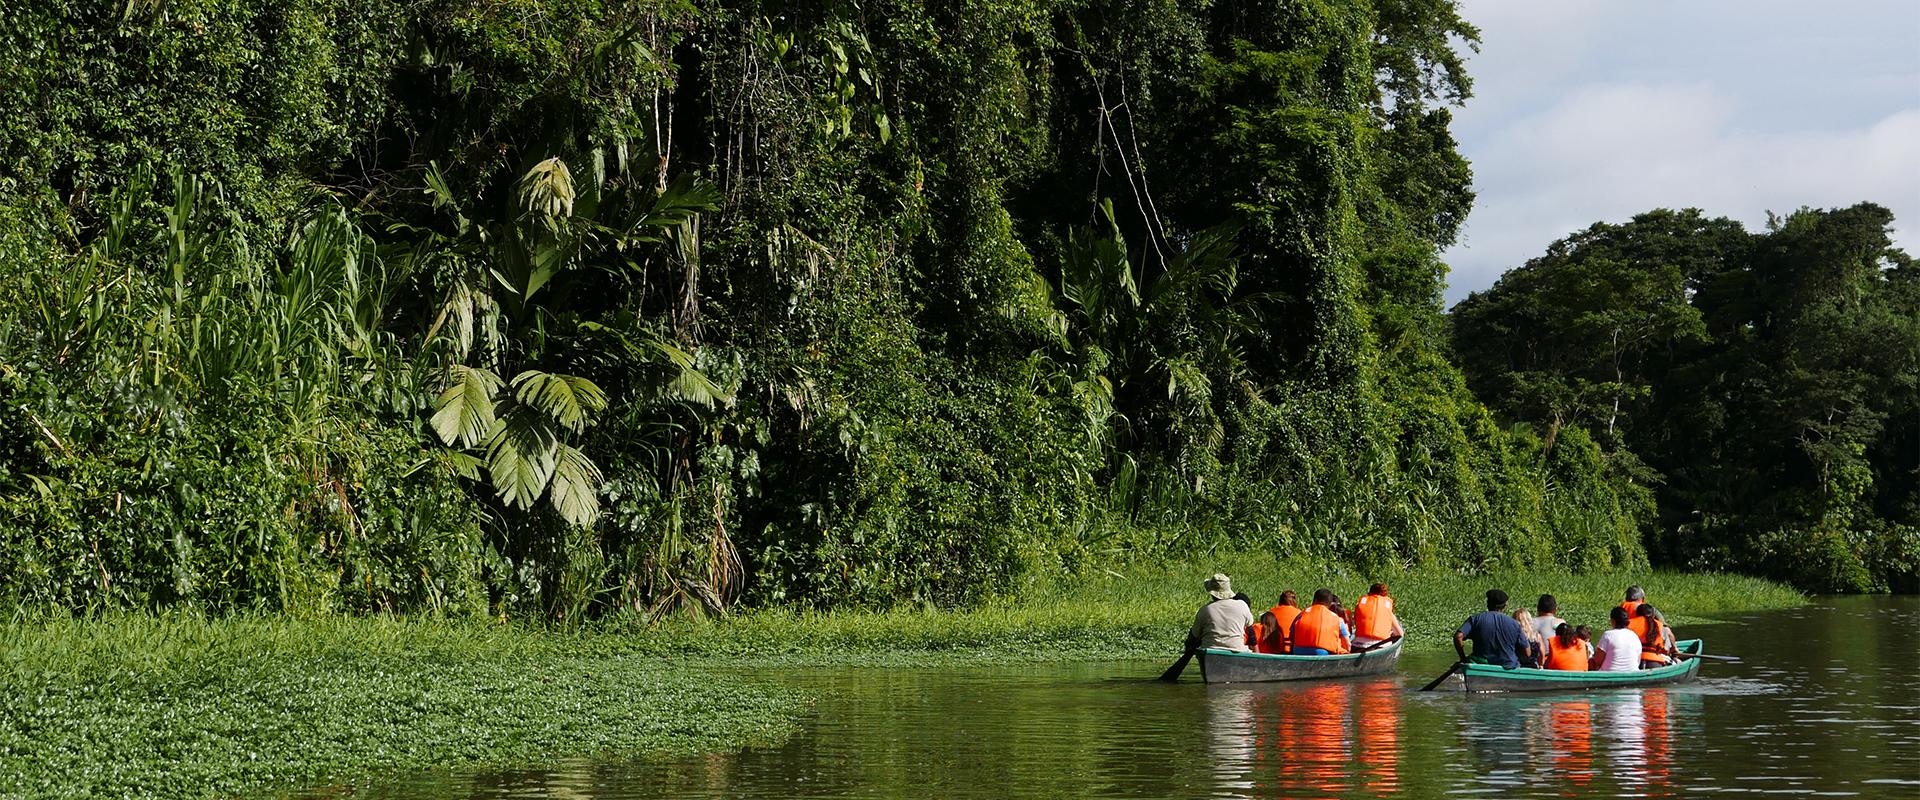 Turistas no Parque Nacional Tortuguero, Costa Rica (Fotos: Claudia Tonaco)